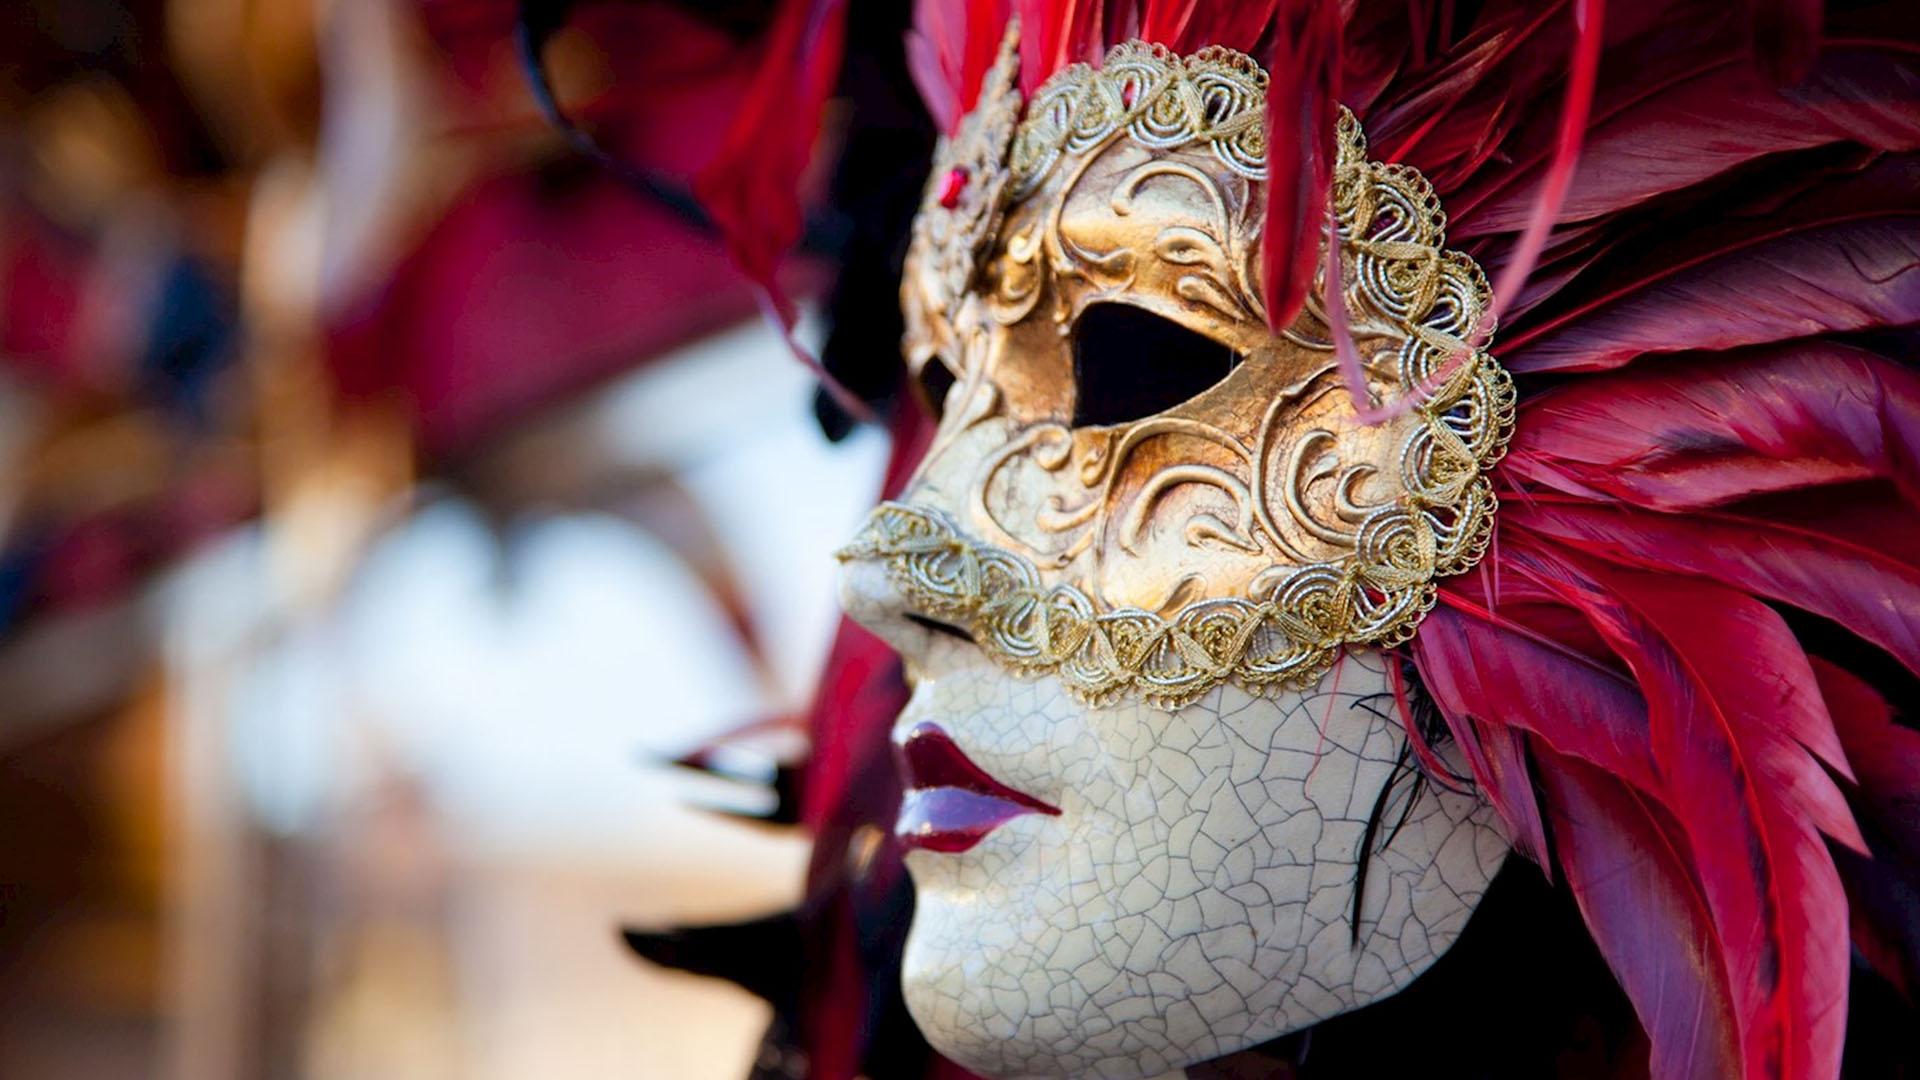 Artigianato veneziano: alla scoperta di maschere e vetri soffiati